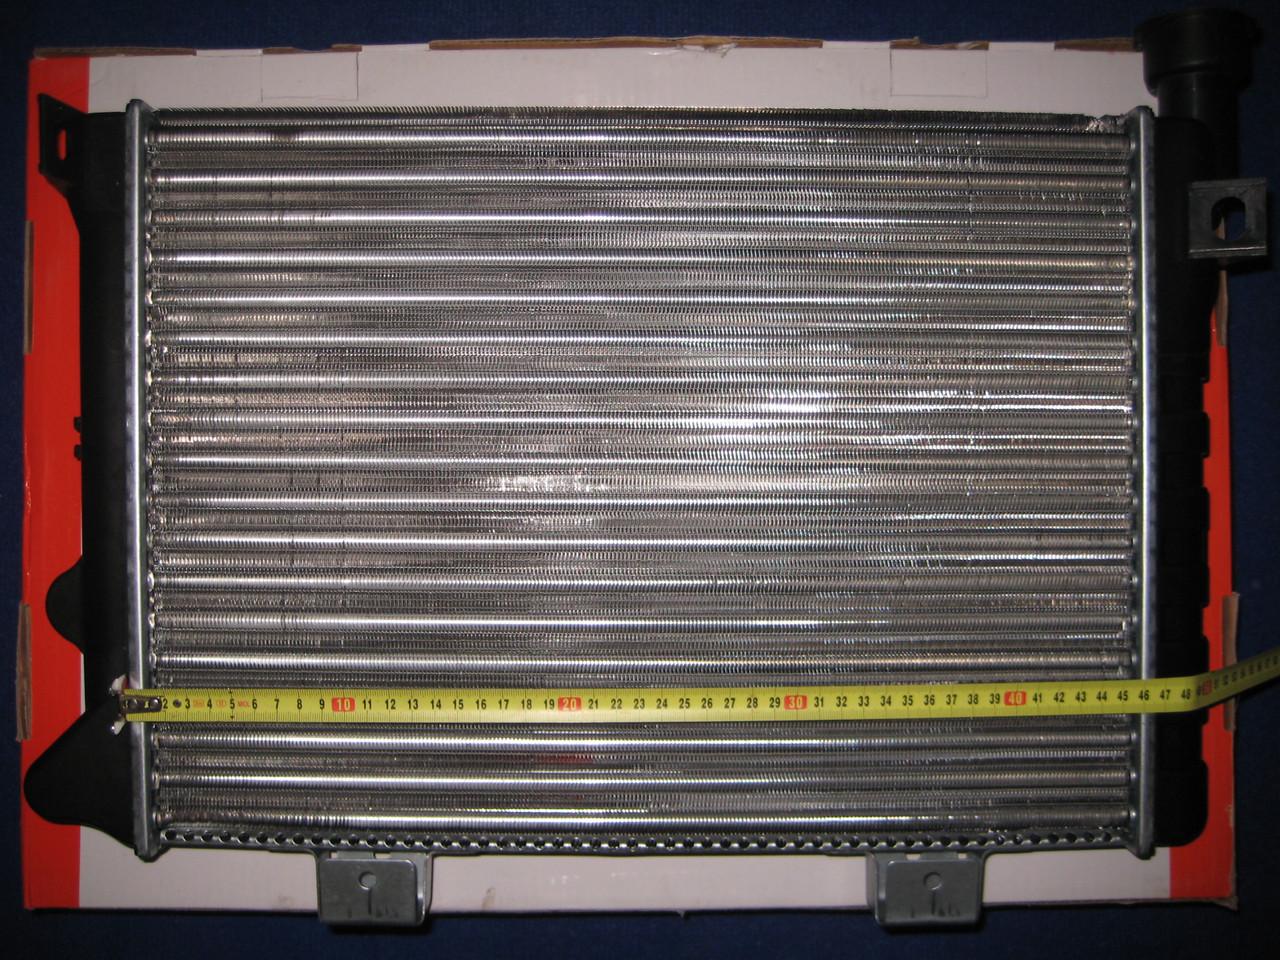 Радіатор основний ВАЗ 2104 2107 інжекторні 21073-1301012 ДК